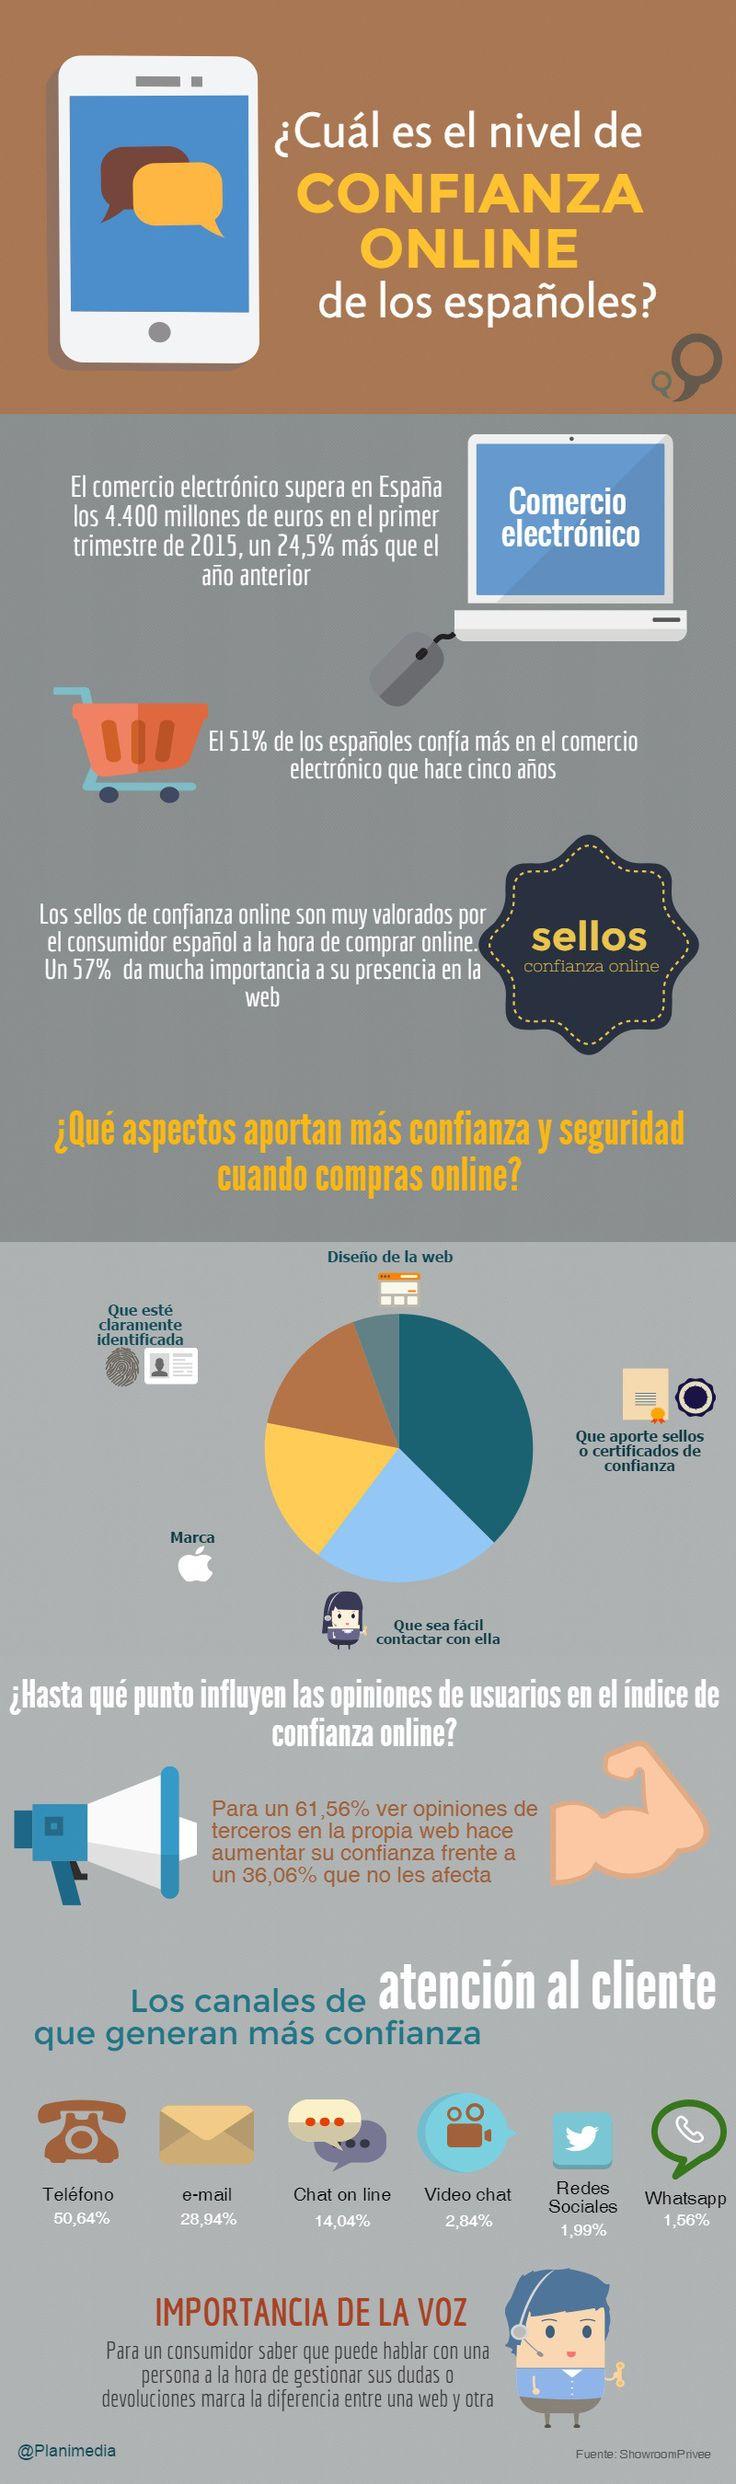 ¿Cuál es el nivel de confianza online de los españoles? #infografia #ecommerce #marketing